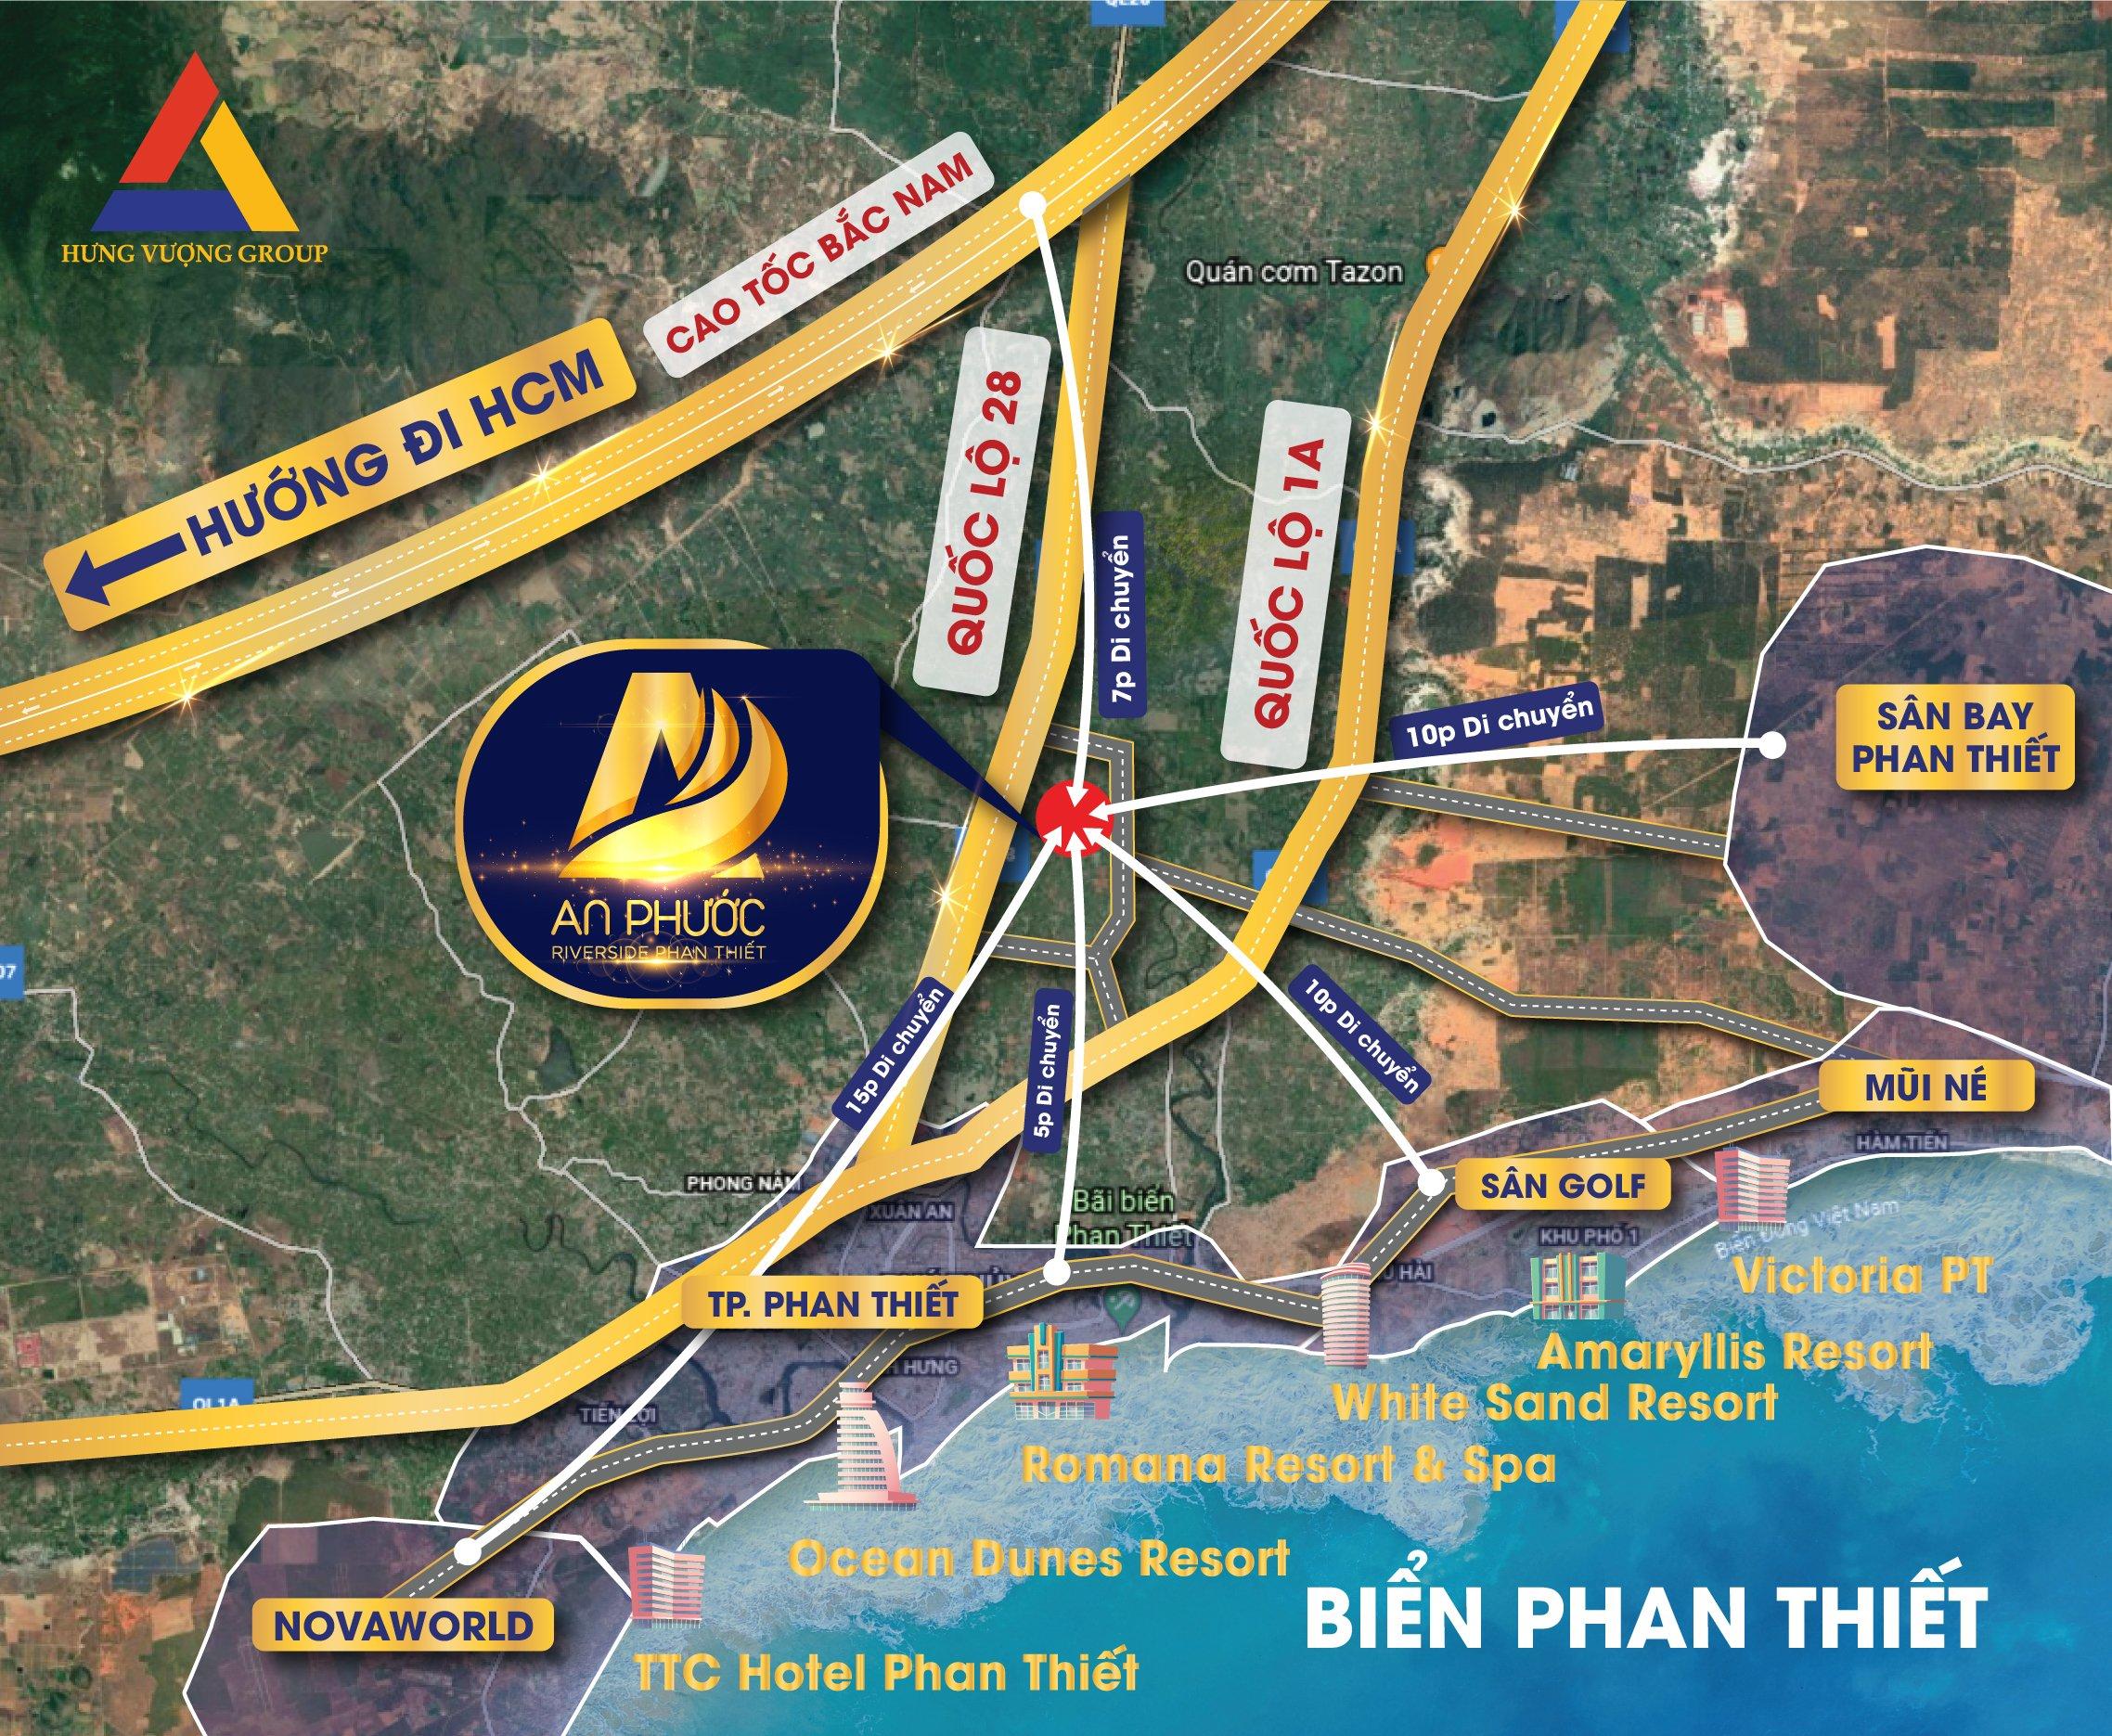 Tọa độ vị trí Dự án An Phước Riverside Phan Thiết Hàm Thắng